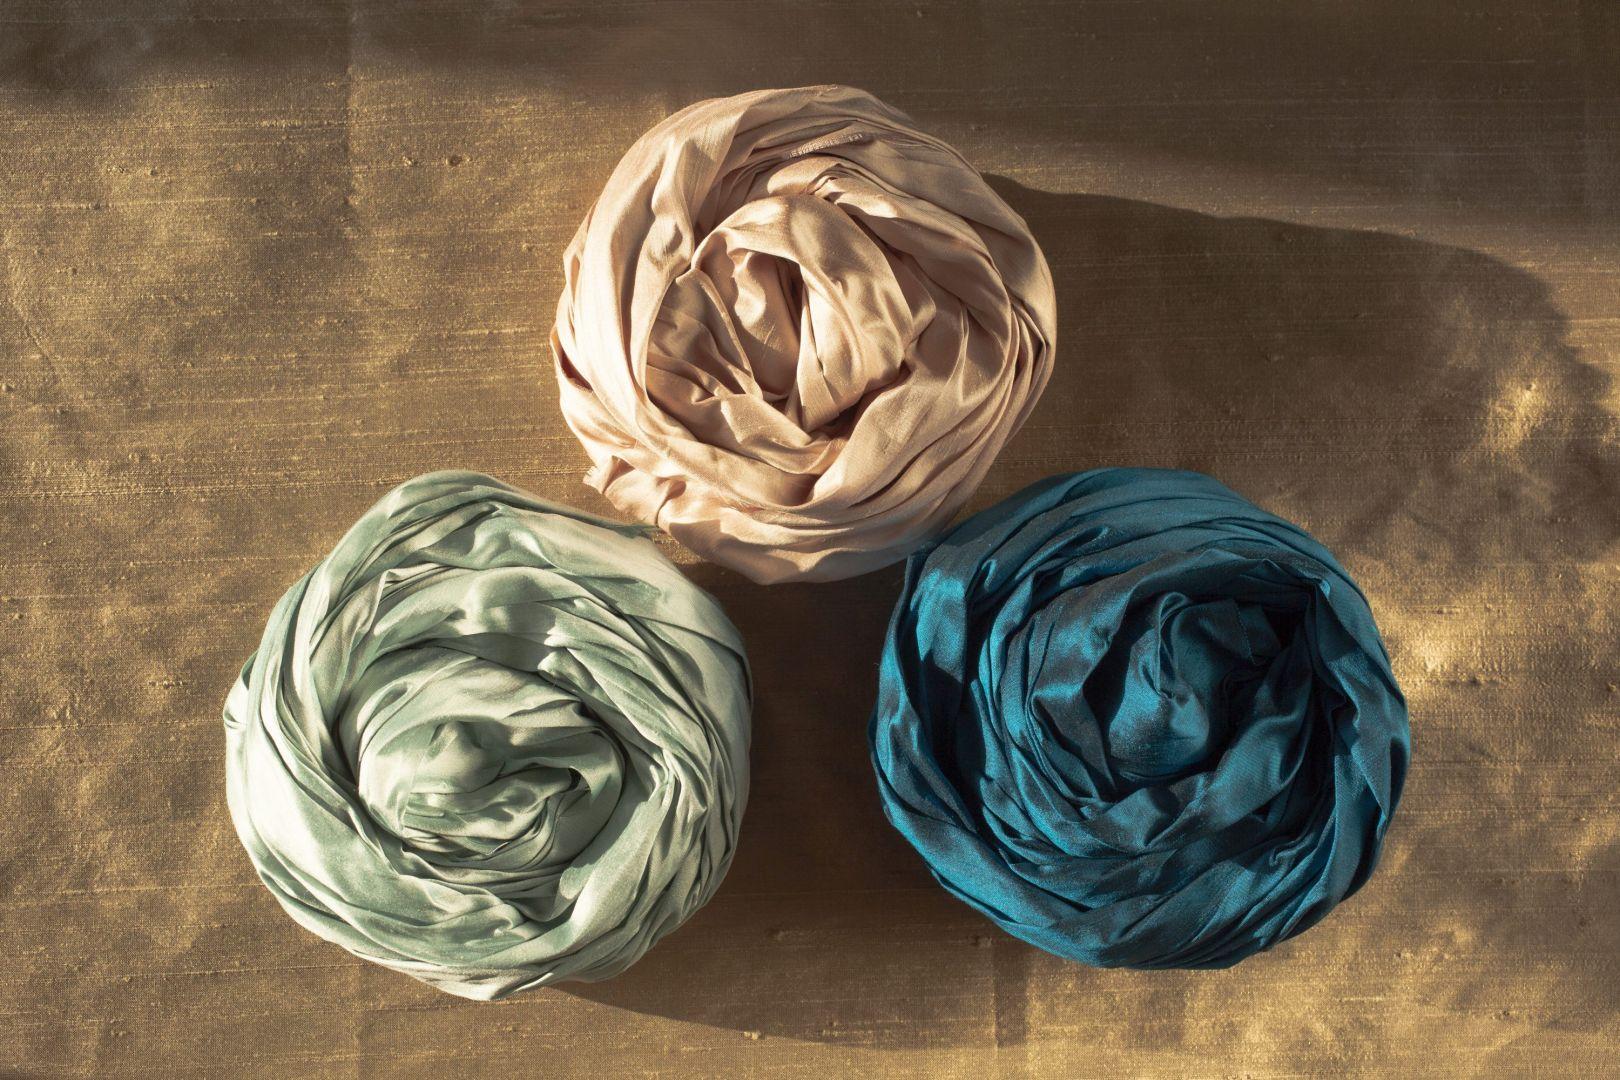 Odpowiadając na trend powrotu do natury i rosnące zainteresowanie tkaninami z w aranżacji wnętrz, Dekoma nieustannie poszerza swoją ofertę jedwabi. Wśród nich warto zwrócić uwagę na dwie tkaniny wyróżniające się swoją autentycznością i urodą podkreślona przez drobne nieregularności. Są to Indian Silk i Yamir.